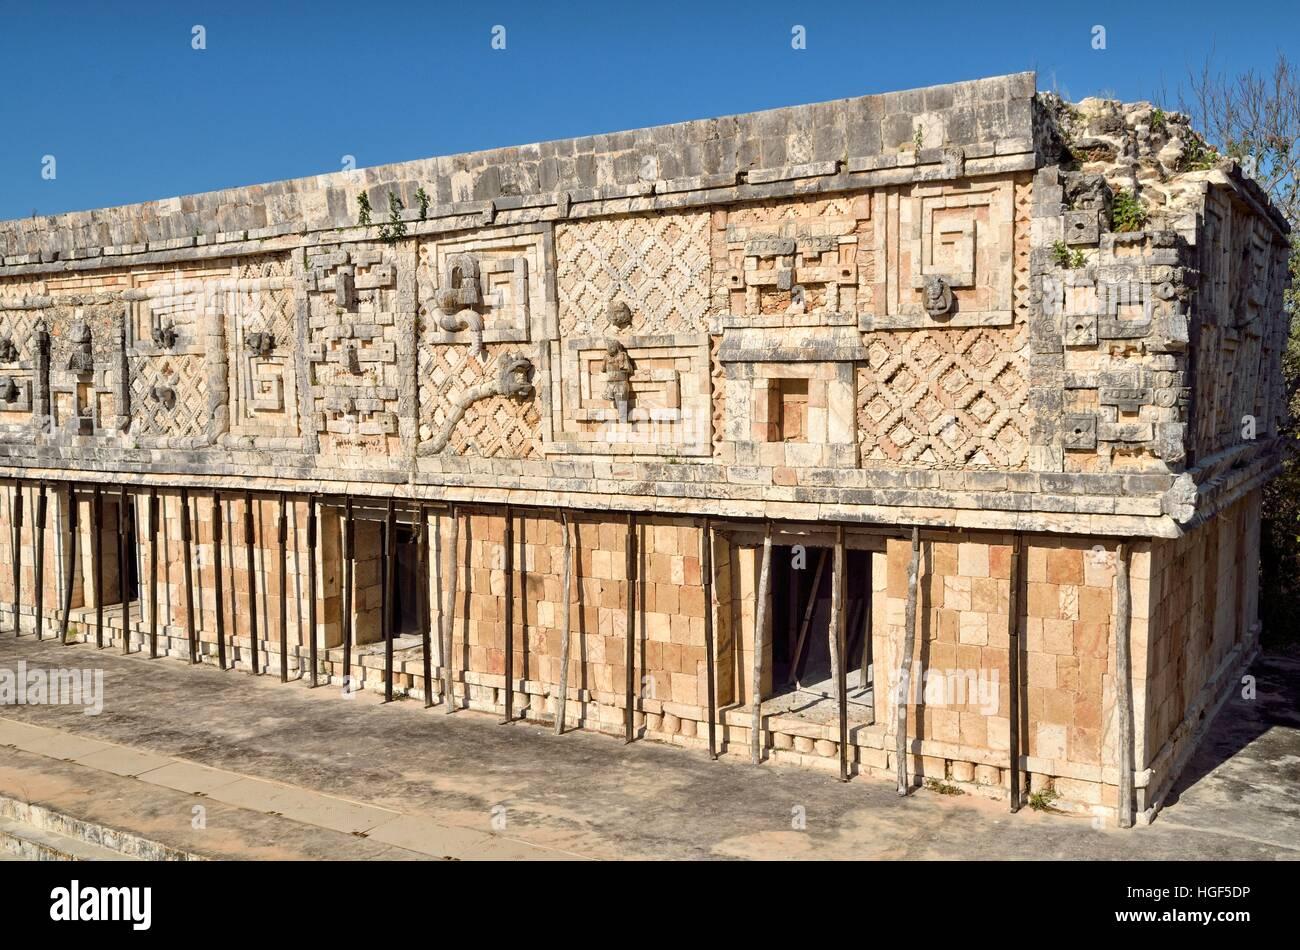 West wing of Nun's Quadrangle, Cuadrangulo de las Monjas, ancient Mayan city of Uxmal, Yucatan, Mexico - Stock Image